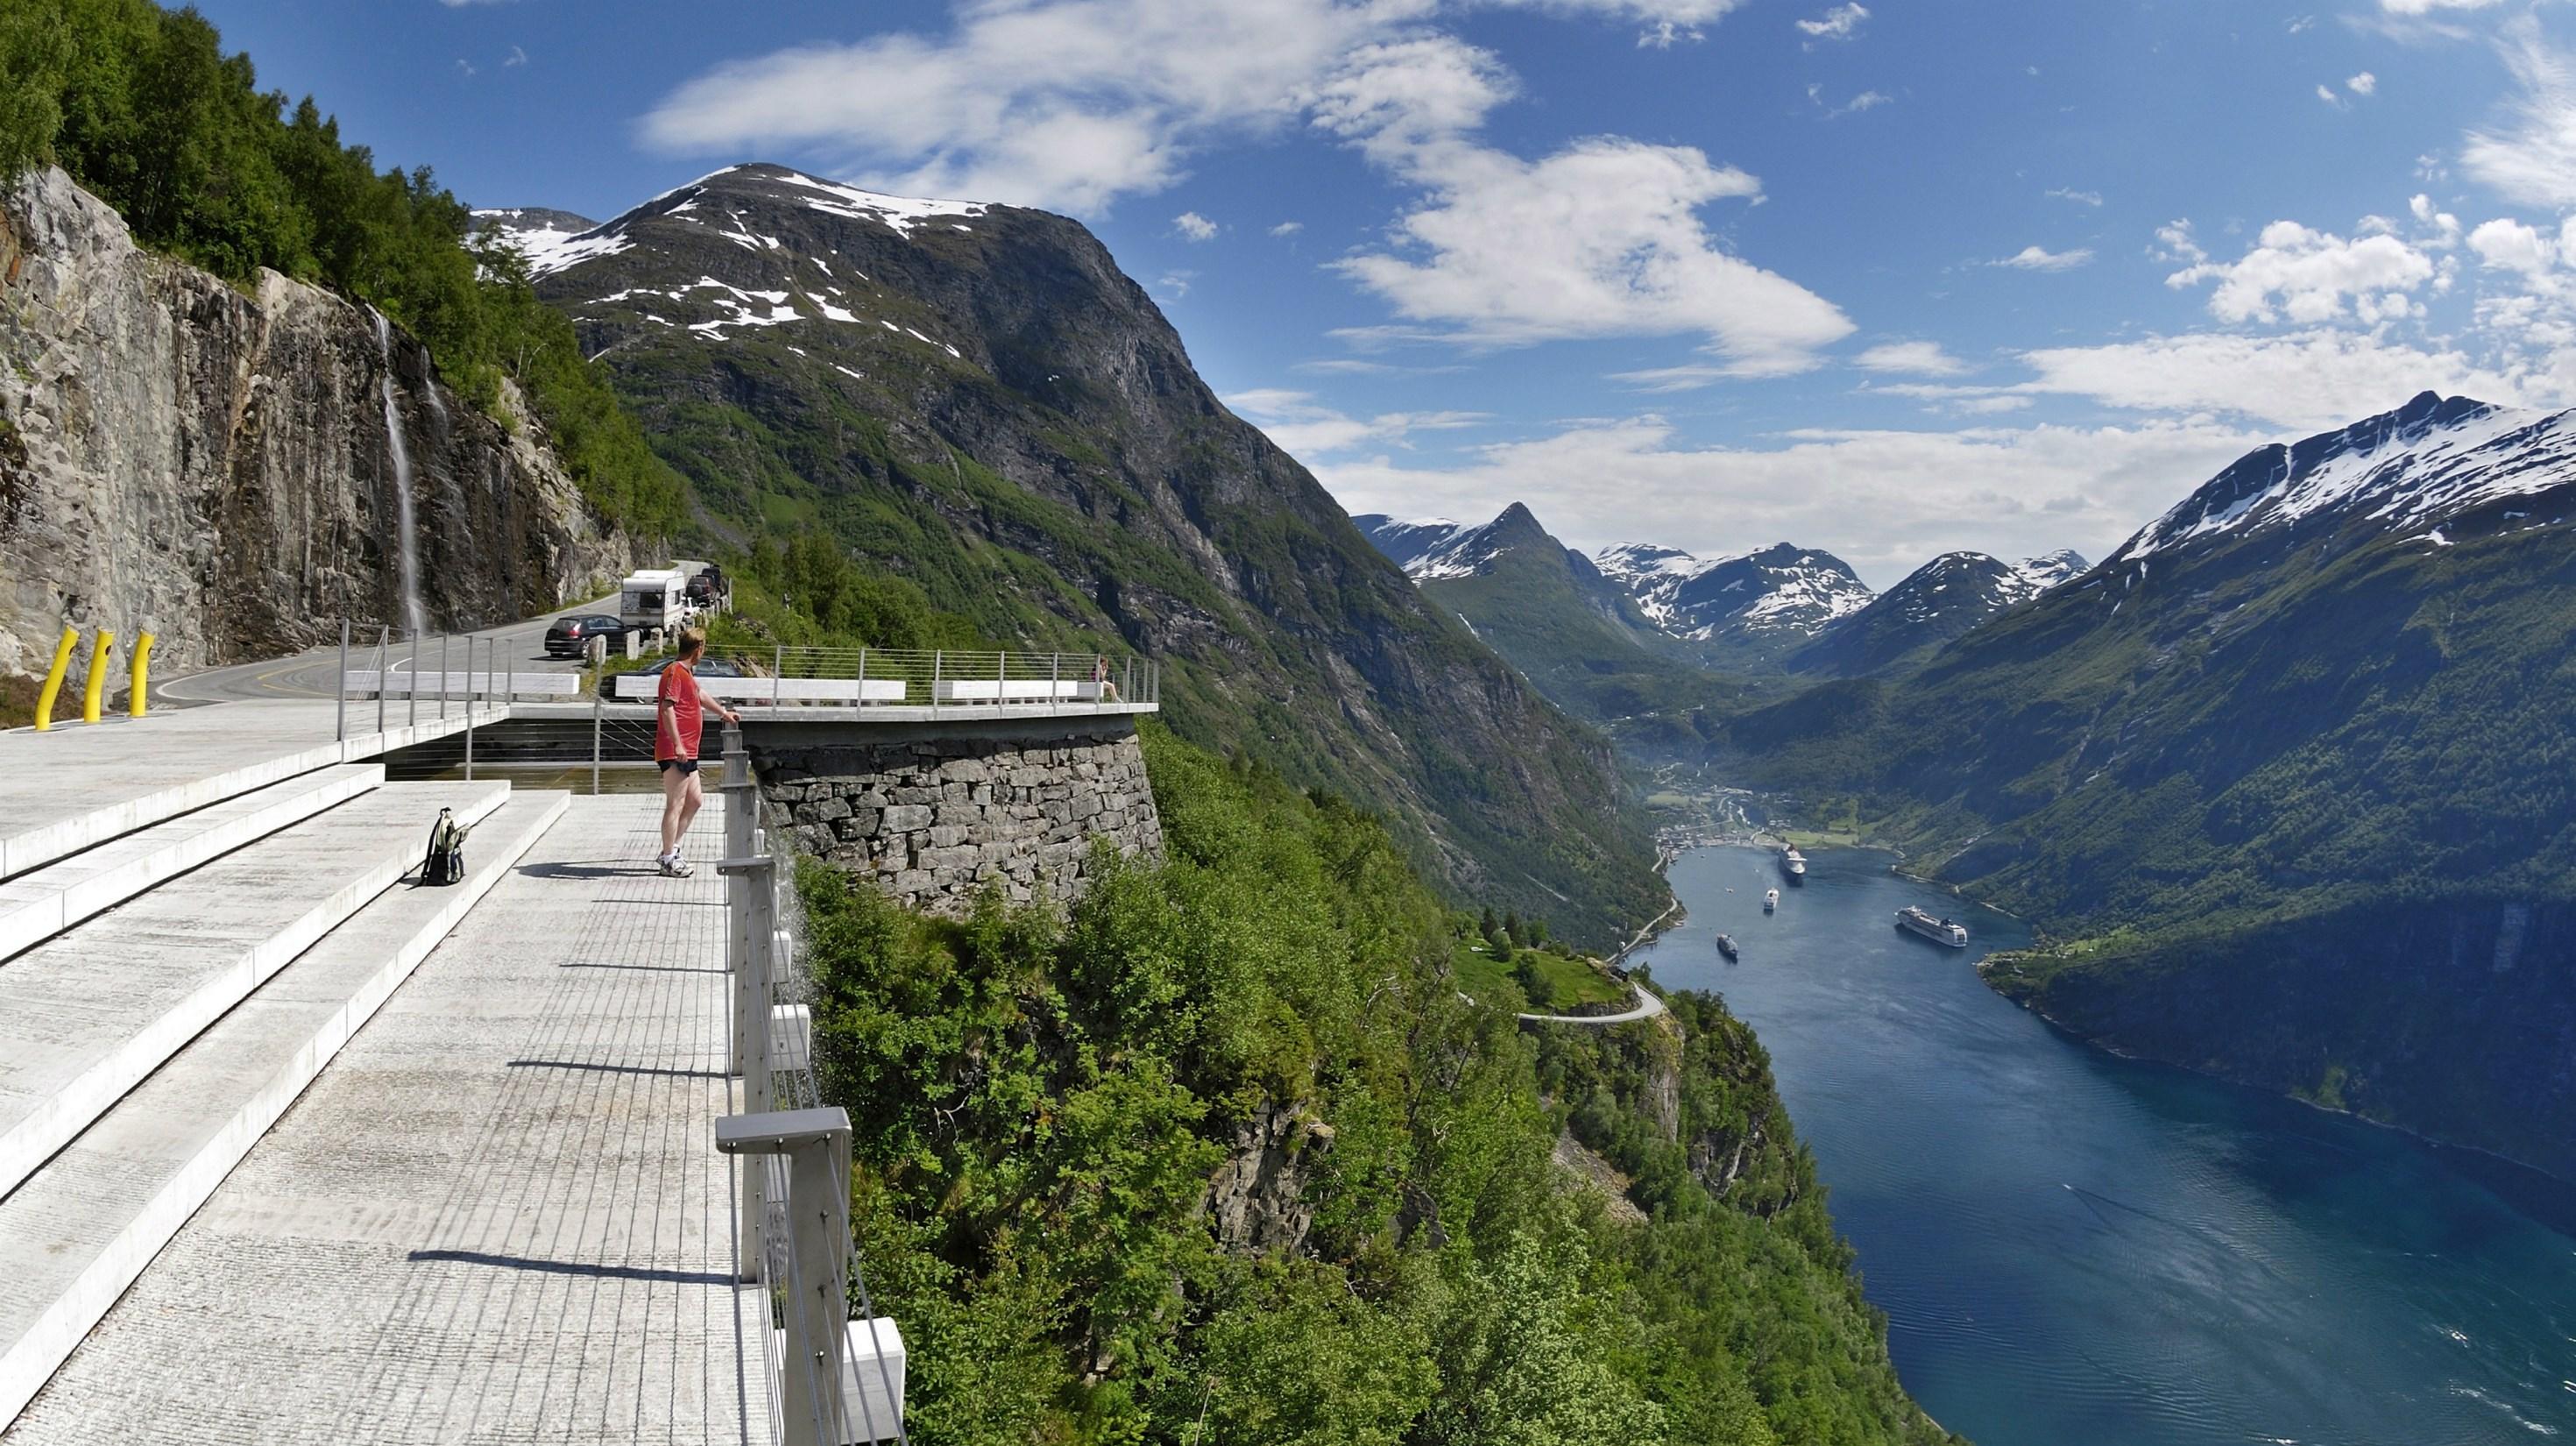 Nå blir det julaften for barnefamilier og enslige på Fjord Lines skip | Fjord Line